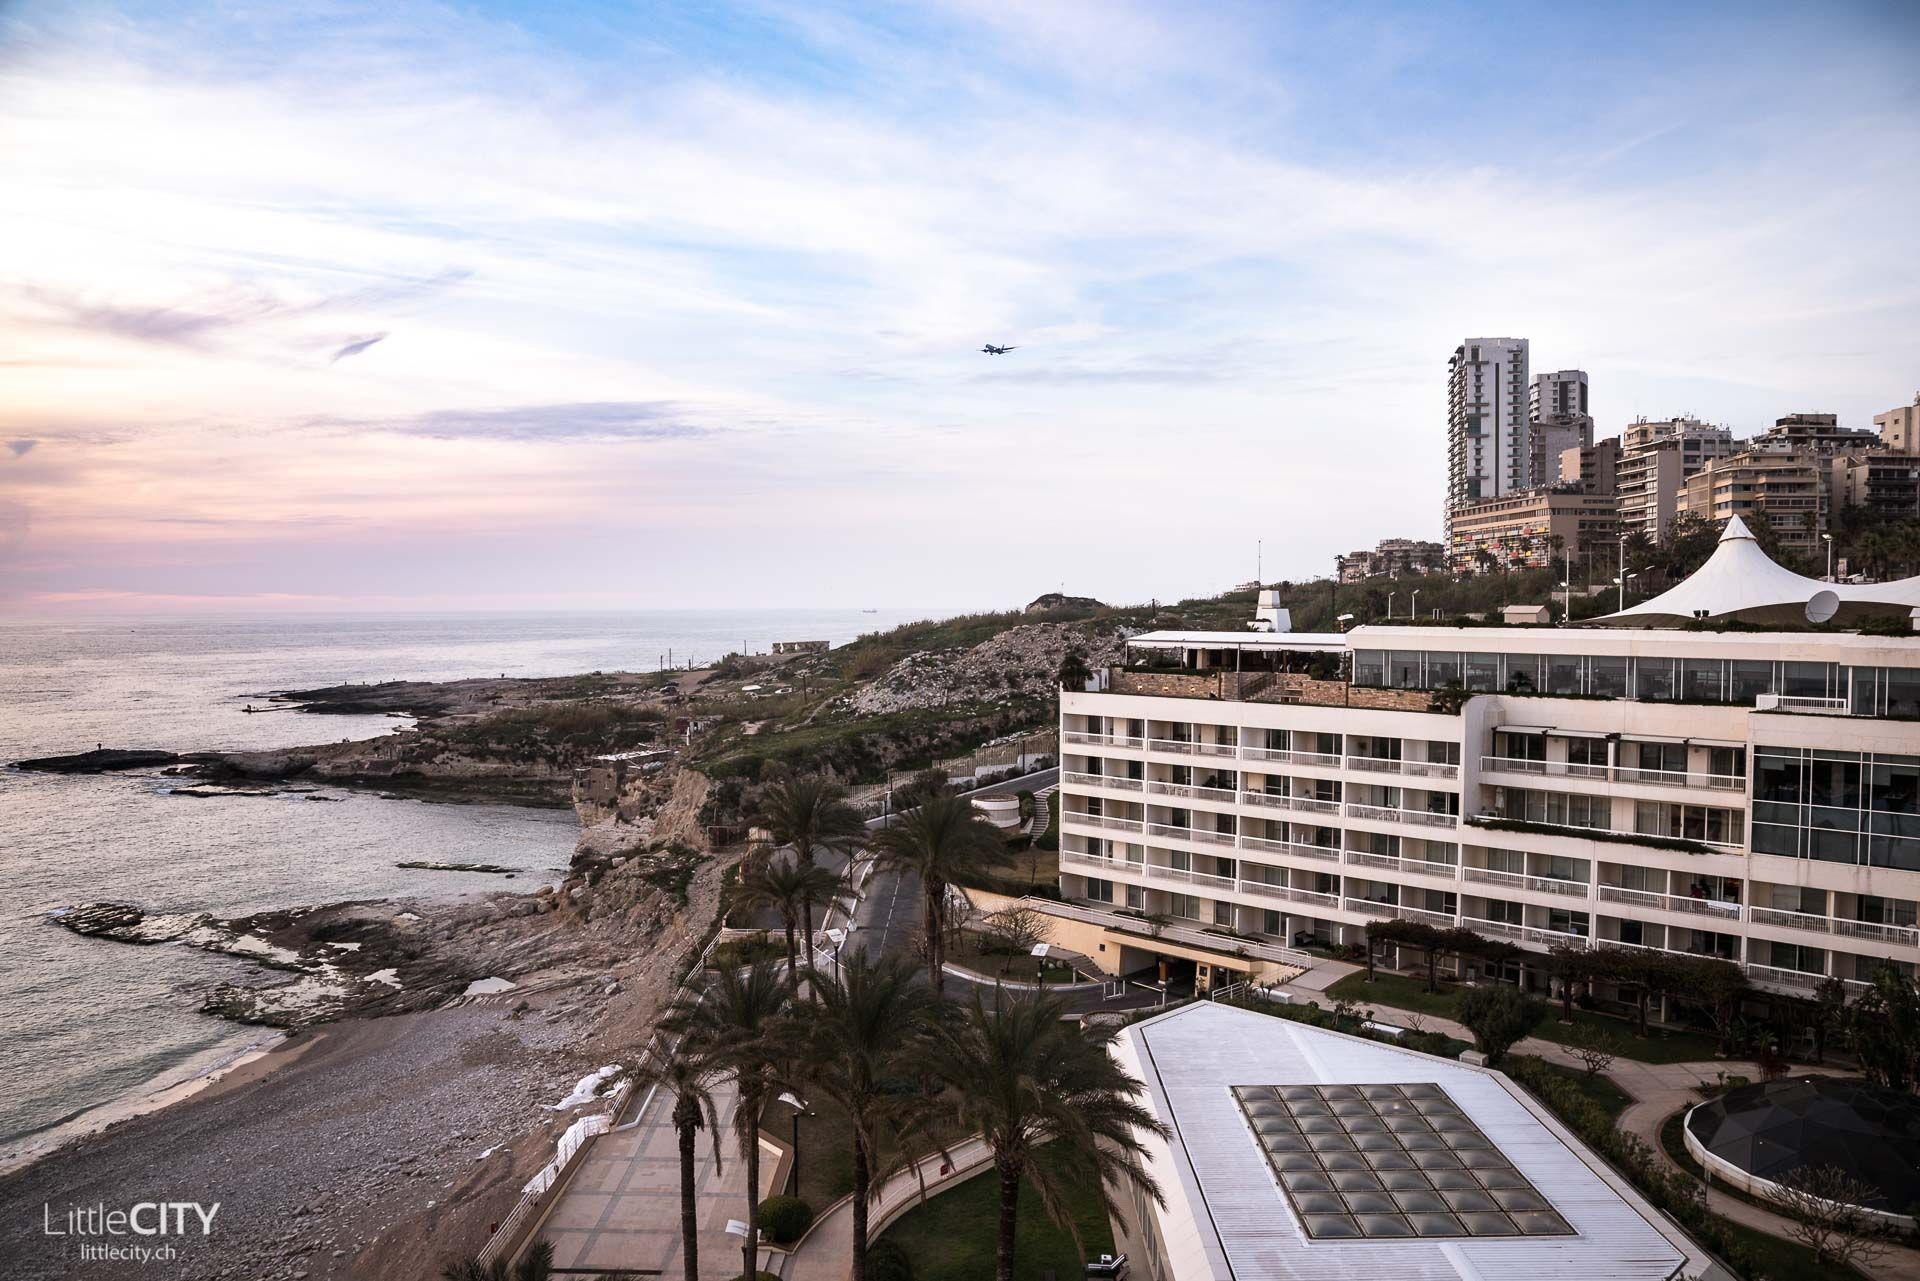 Libanon Reisetipps Von Beirut Uber Byblos Bis Baalbeck Continentes Libano Mar Mediterraneo